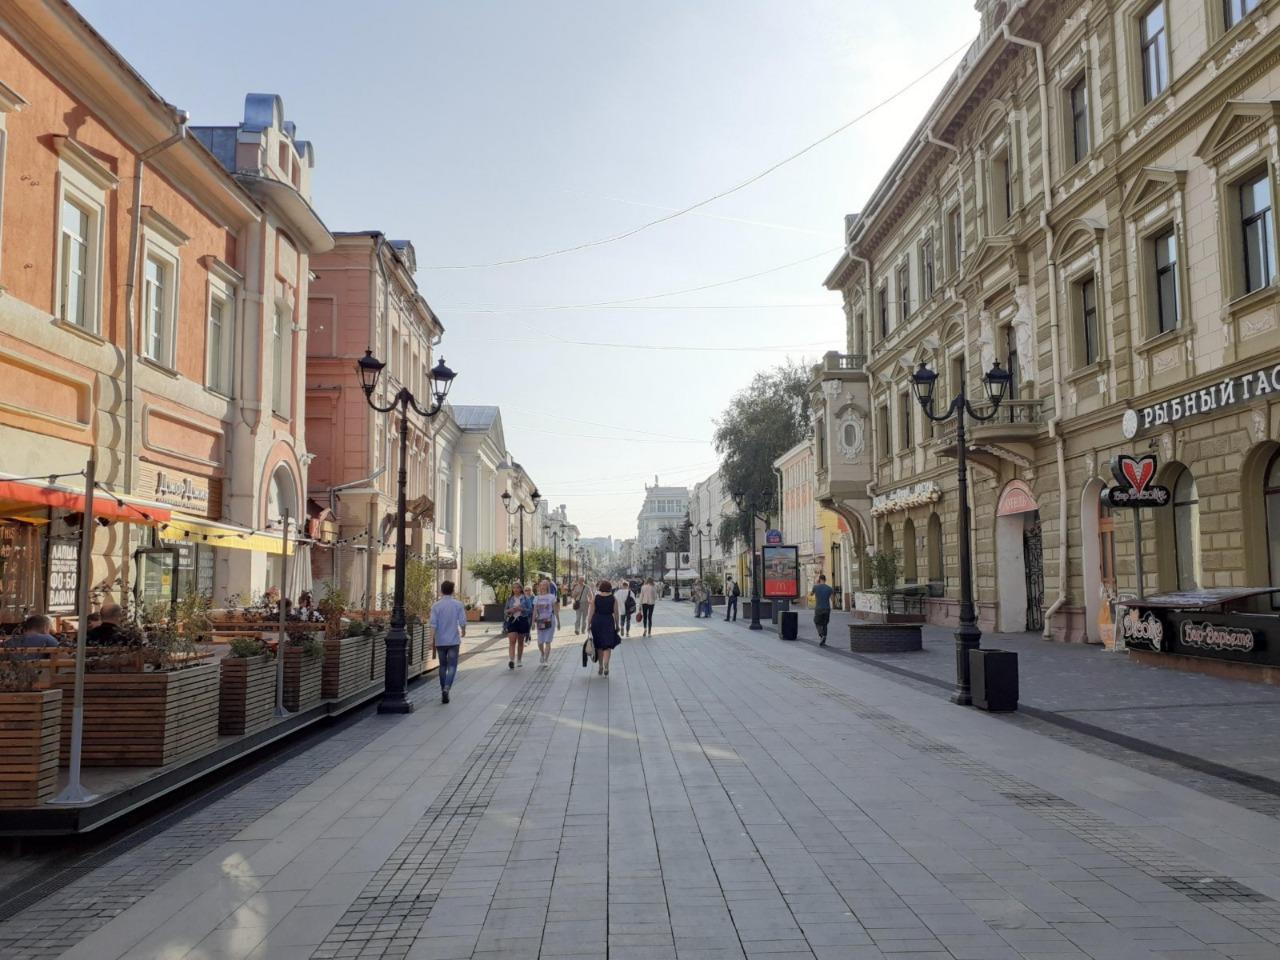 Пешеходная экскурсия по Нижнему Новгороду - групповая экскурсия по Нижнему Новгороду от опытного гида